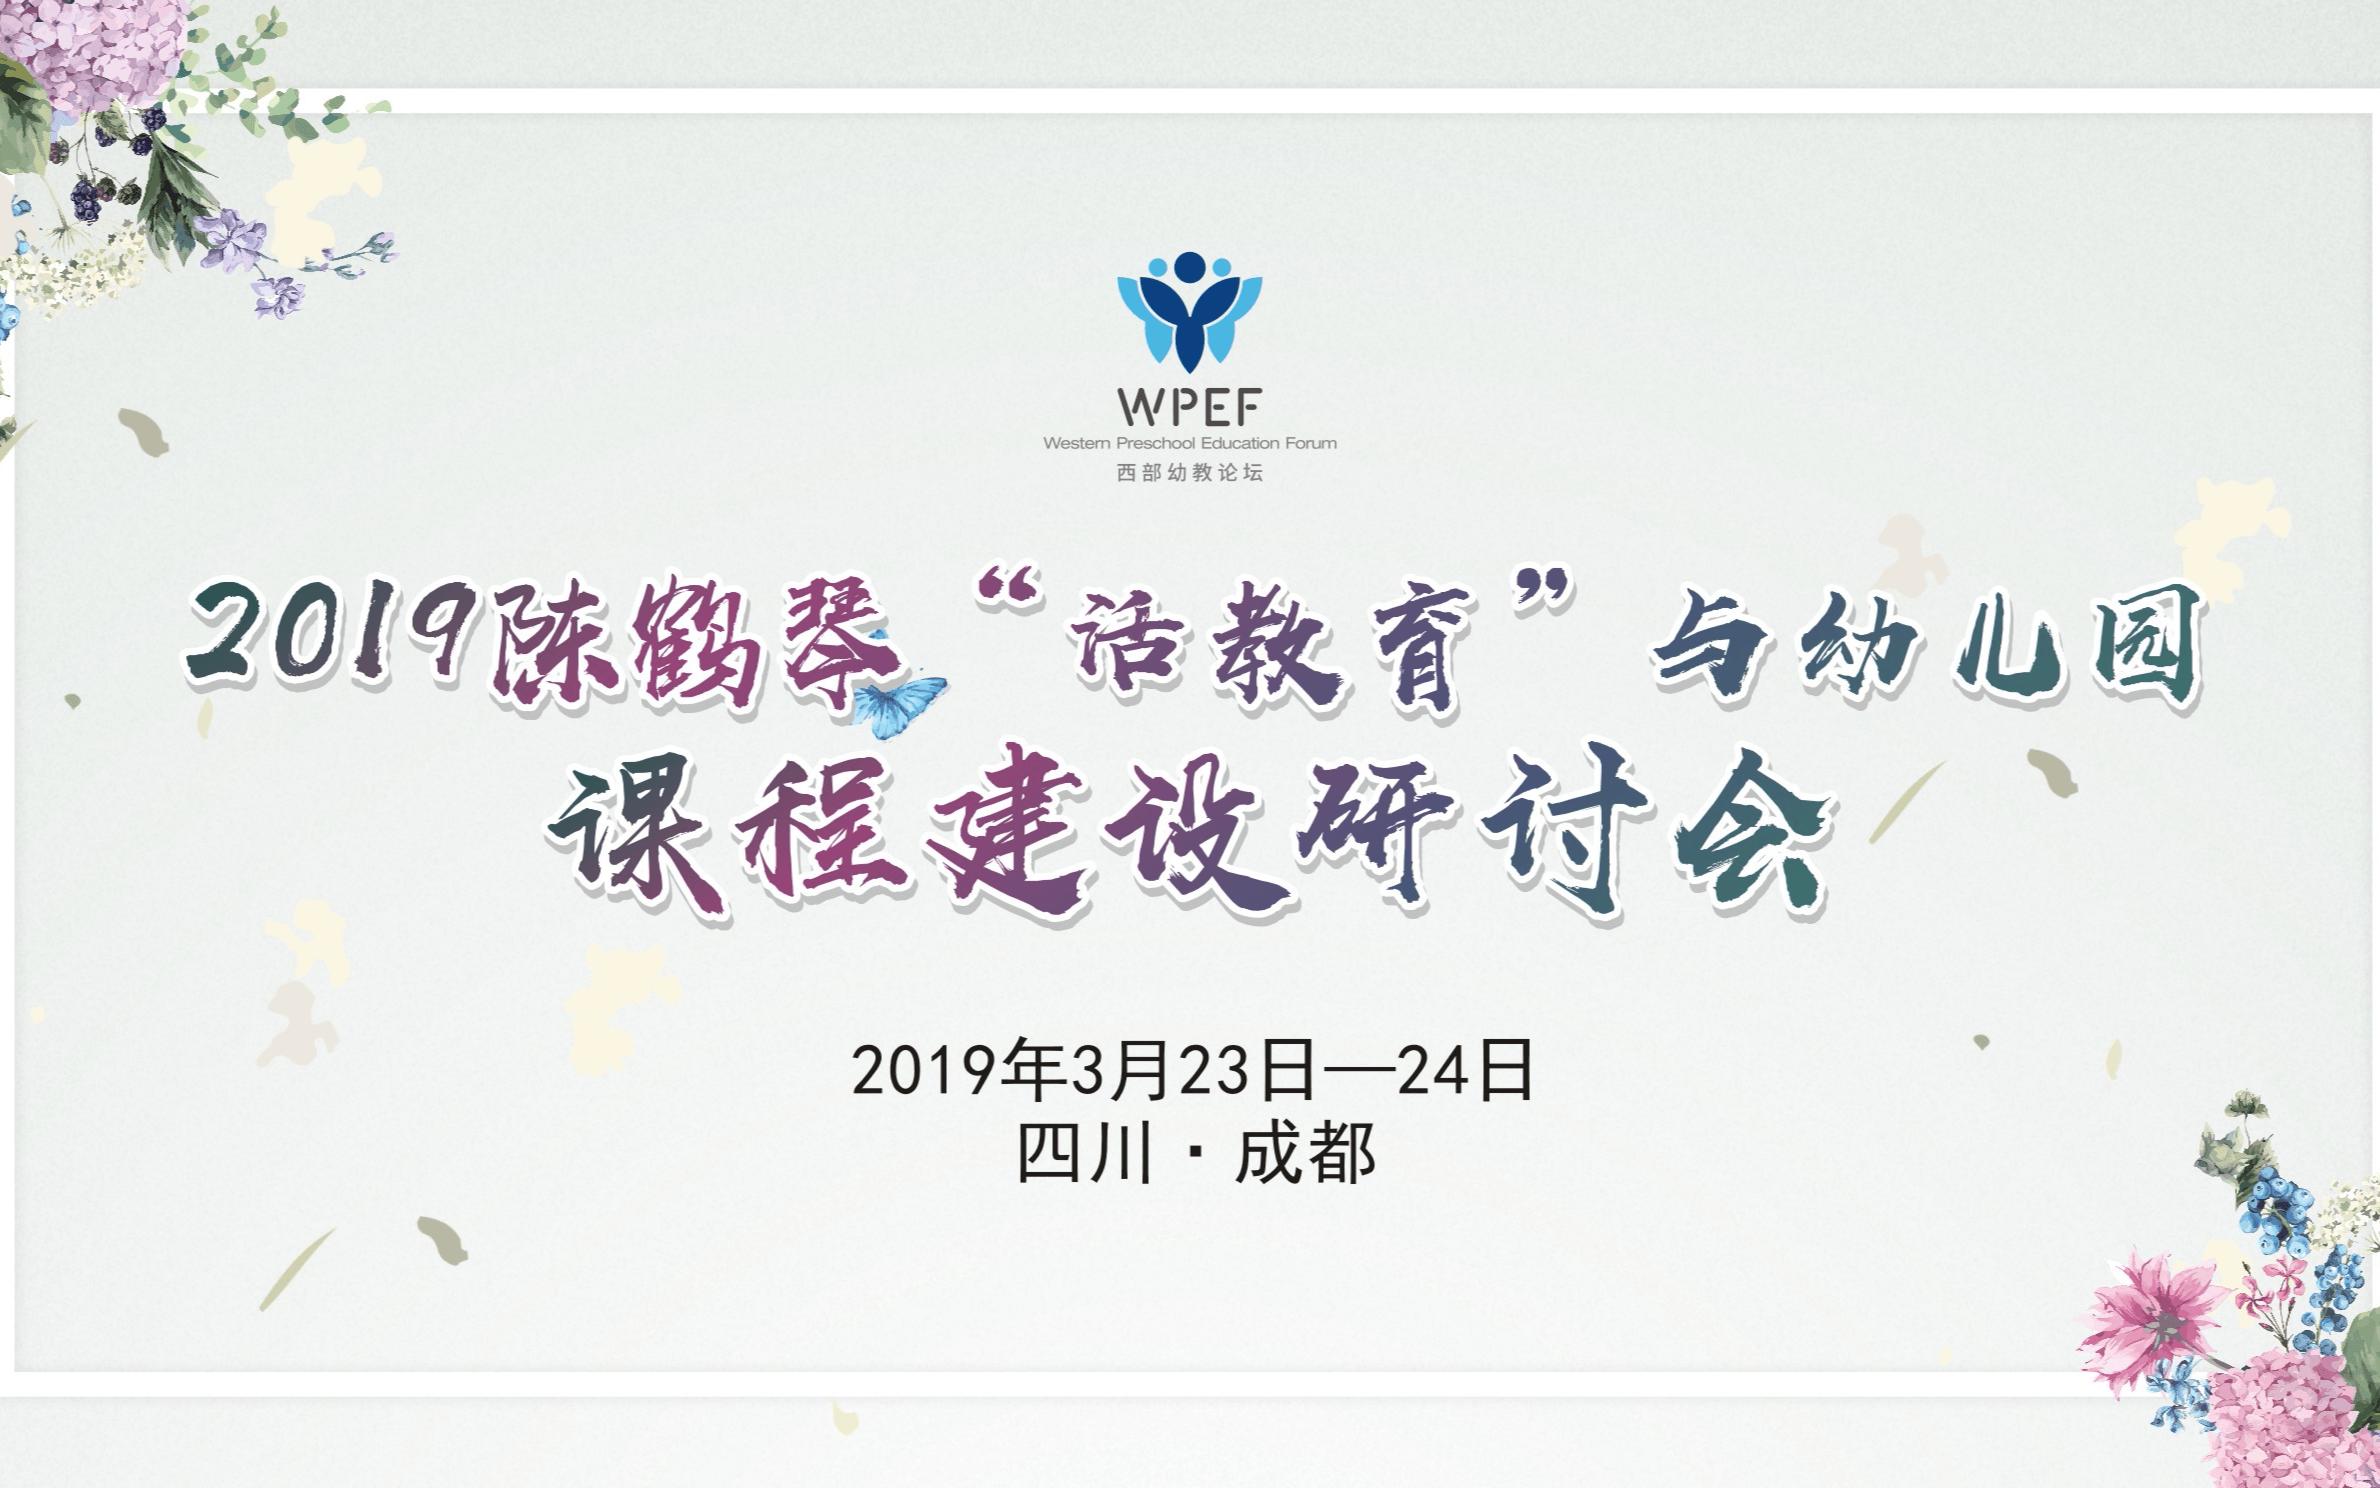 """2019陈鹤琴""""活教育""""与幼儿园课程建设研讨会(成都)"""